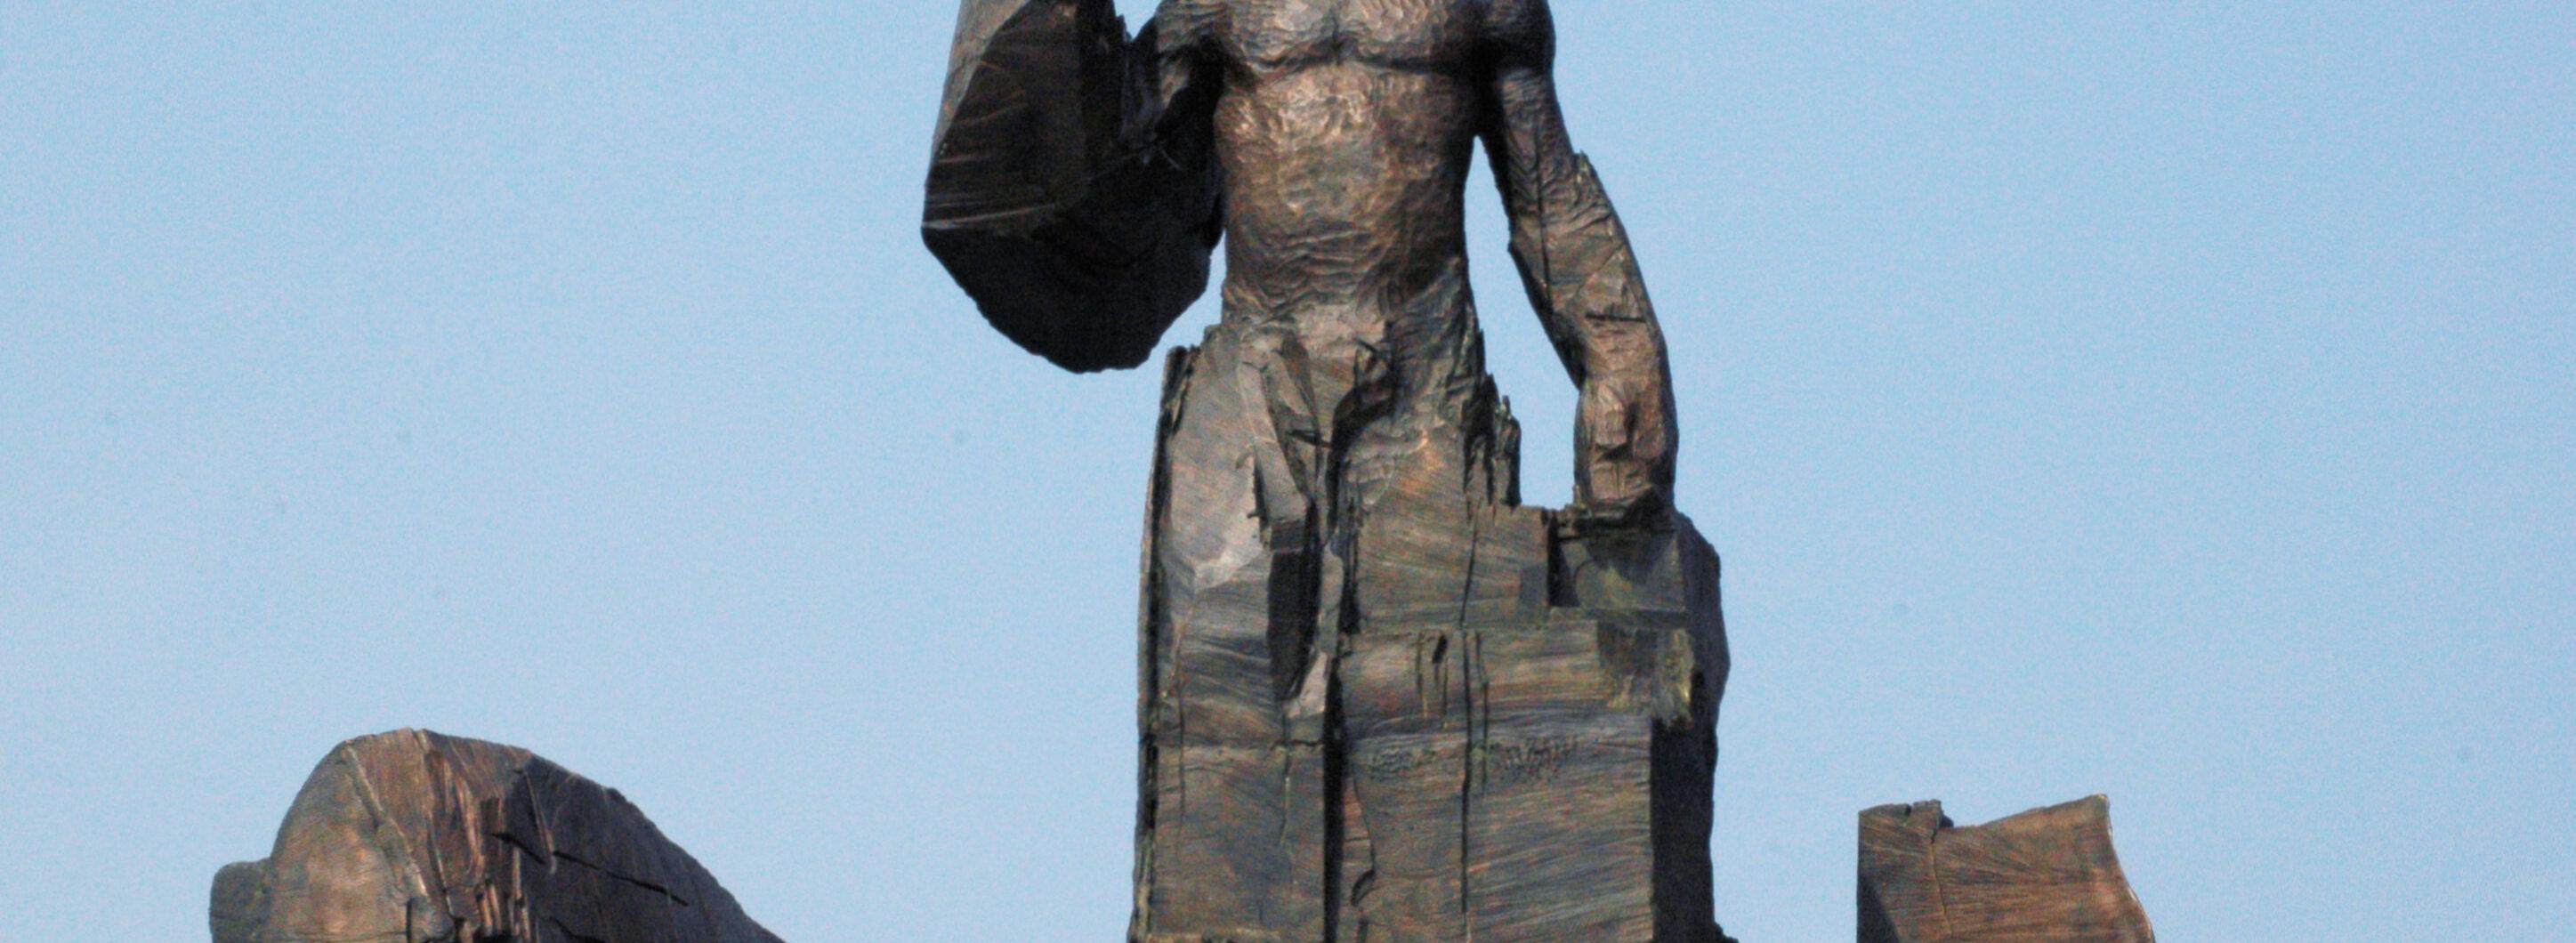 Amsterdam, monument voor Anton de Kom